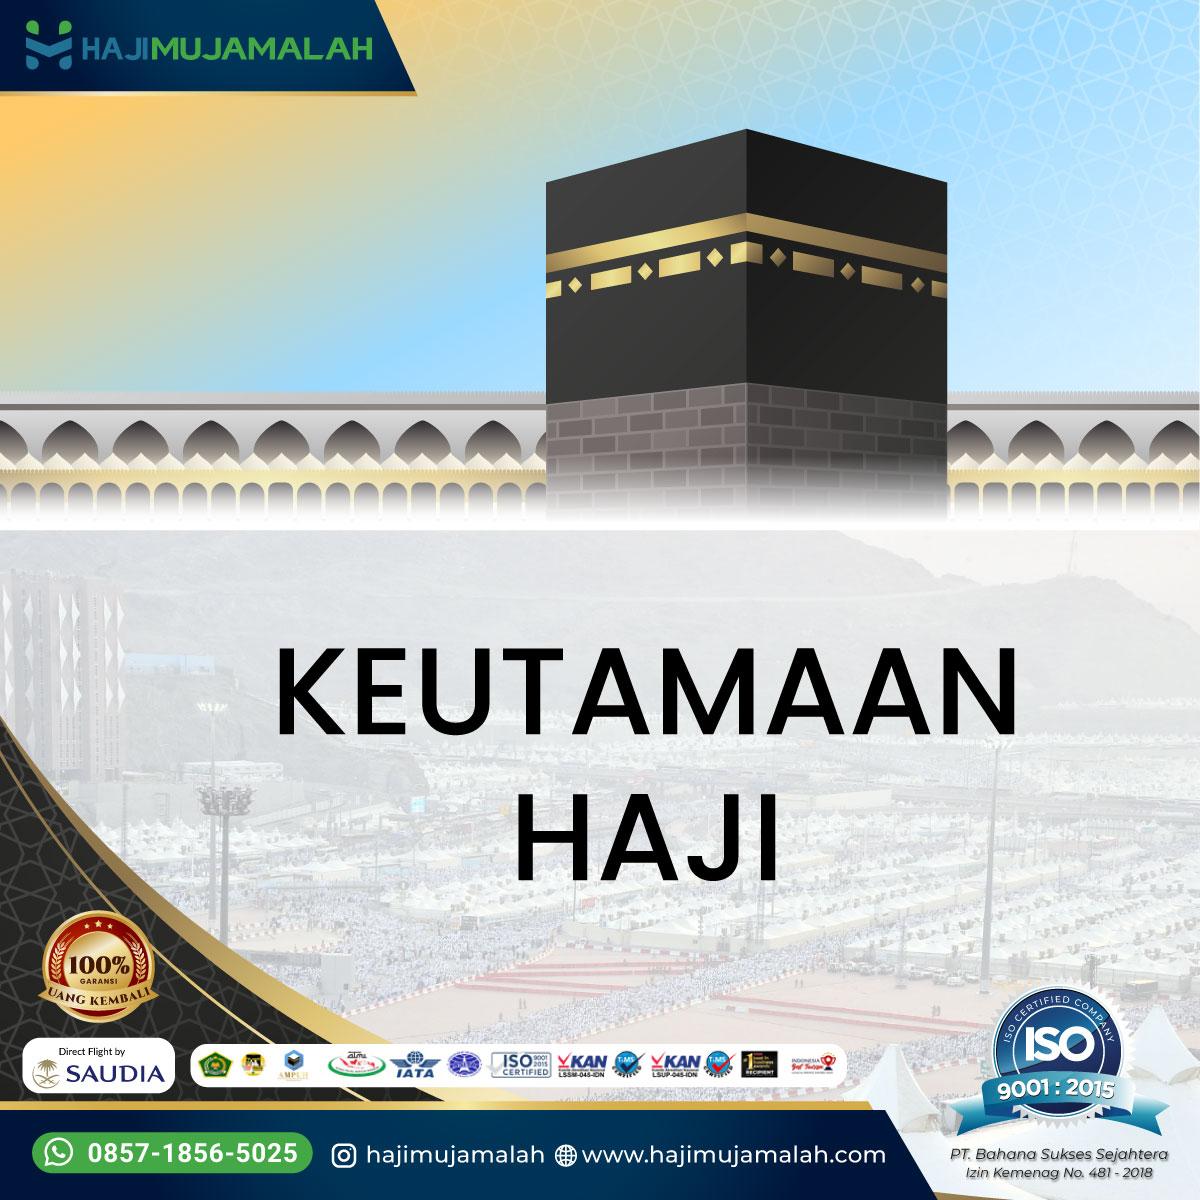 Bekal Haji Keutamaan Haji